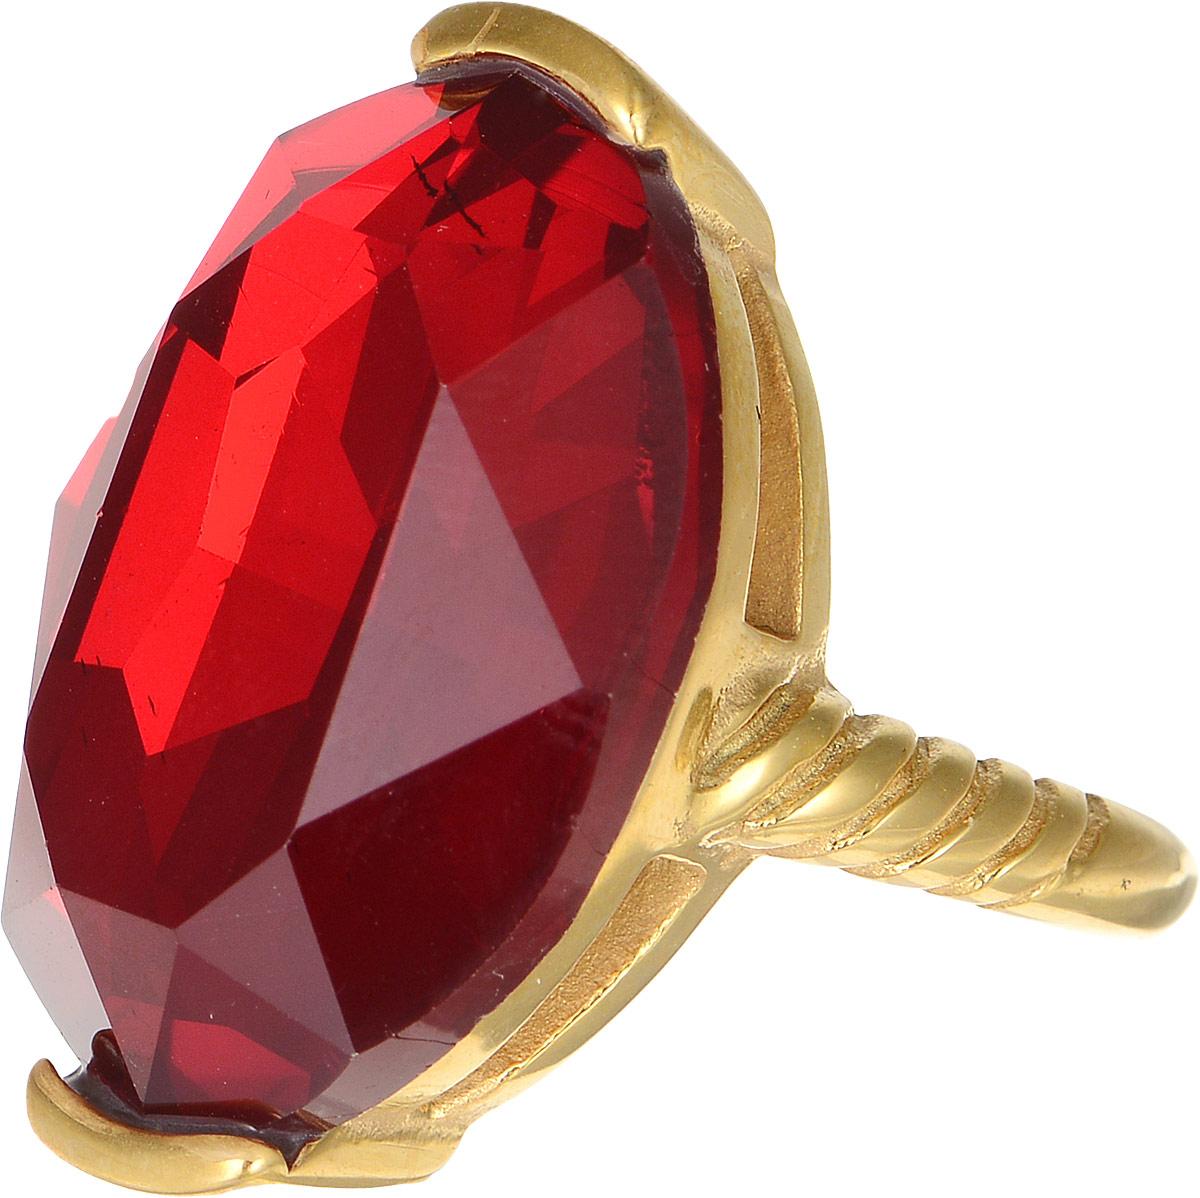 Кольцо Polina Selezneva, цвет: золотистый, красный. DG-0029. Размер 19DG-0029-09Оригинальное кольцо Polina Selezneva выполнено из металлического сплава. Оформлено изделие вставкой из хрустального стекла. Такое кольцо это блестящее завершение вашего неповторимого, смелого образа и отличный подарок для ценительницы необычных украшений!